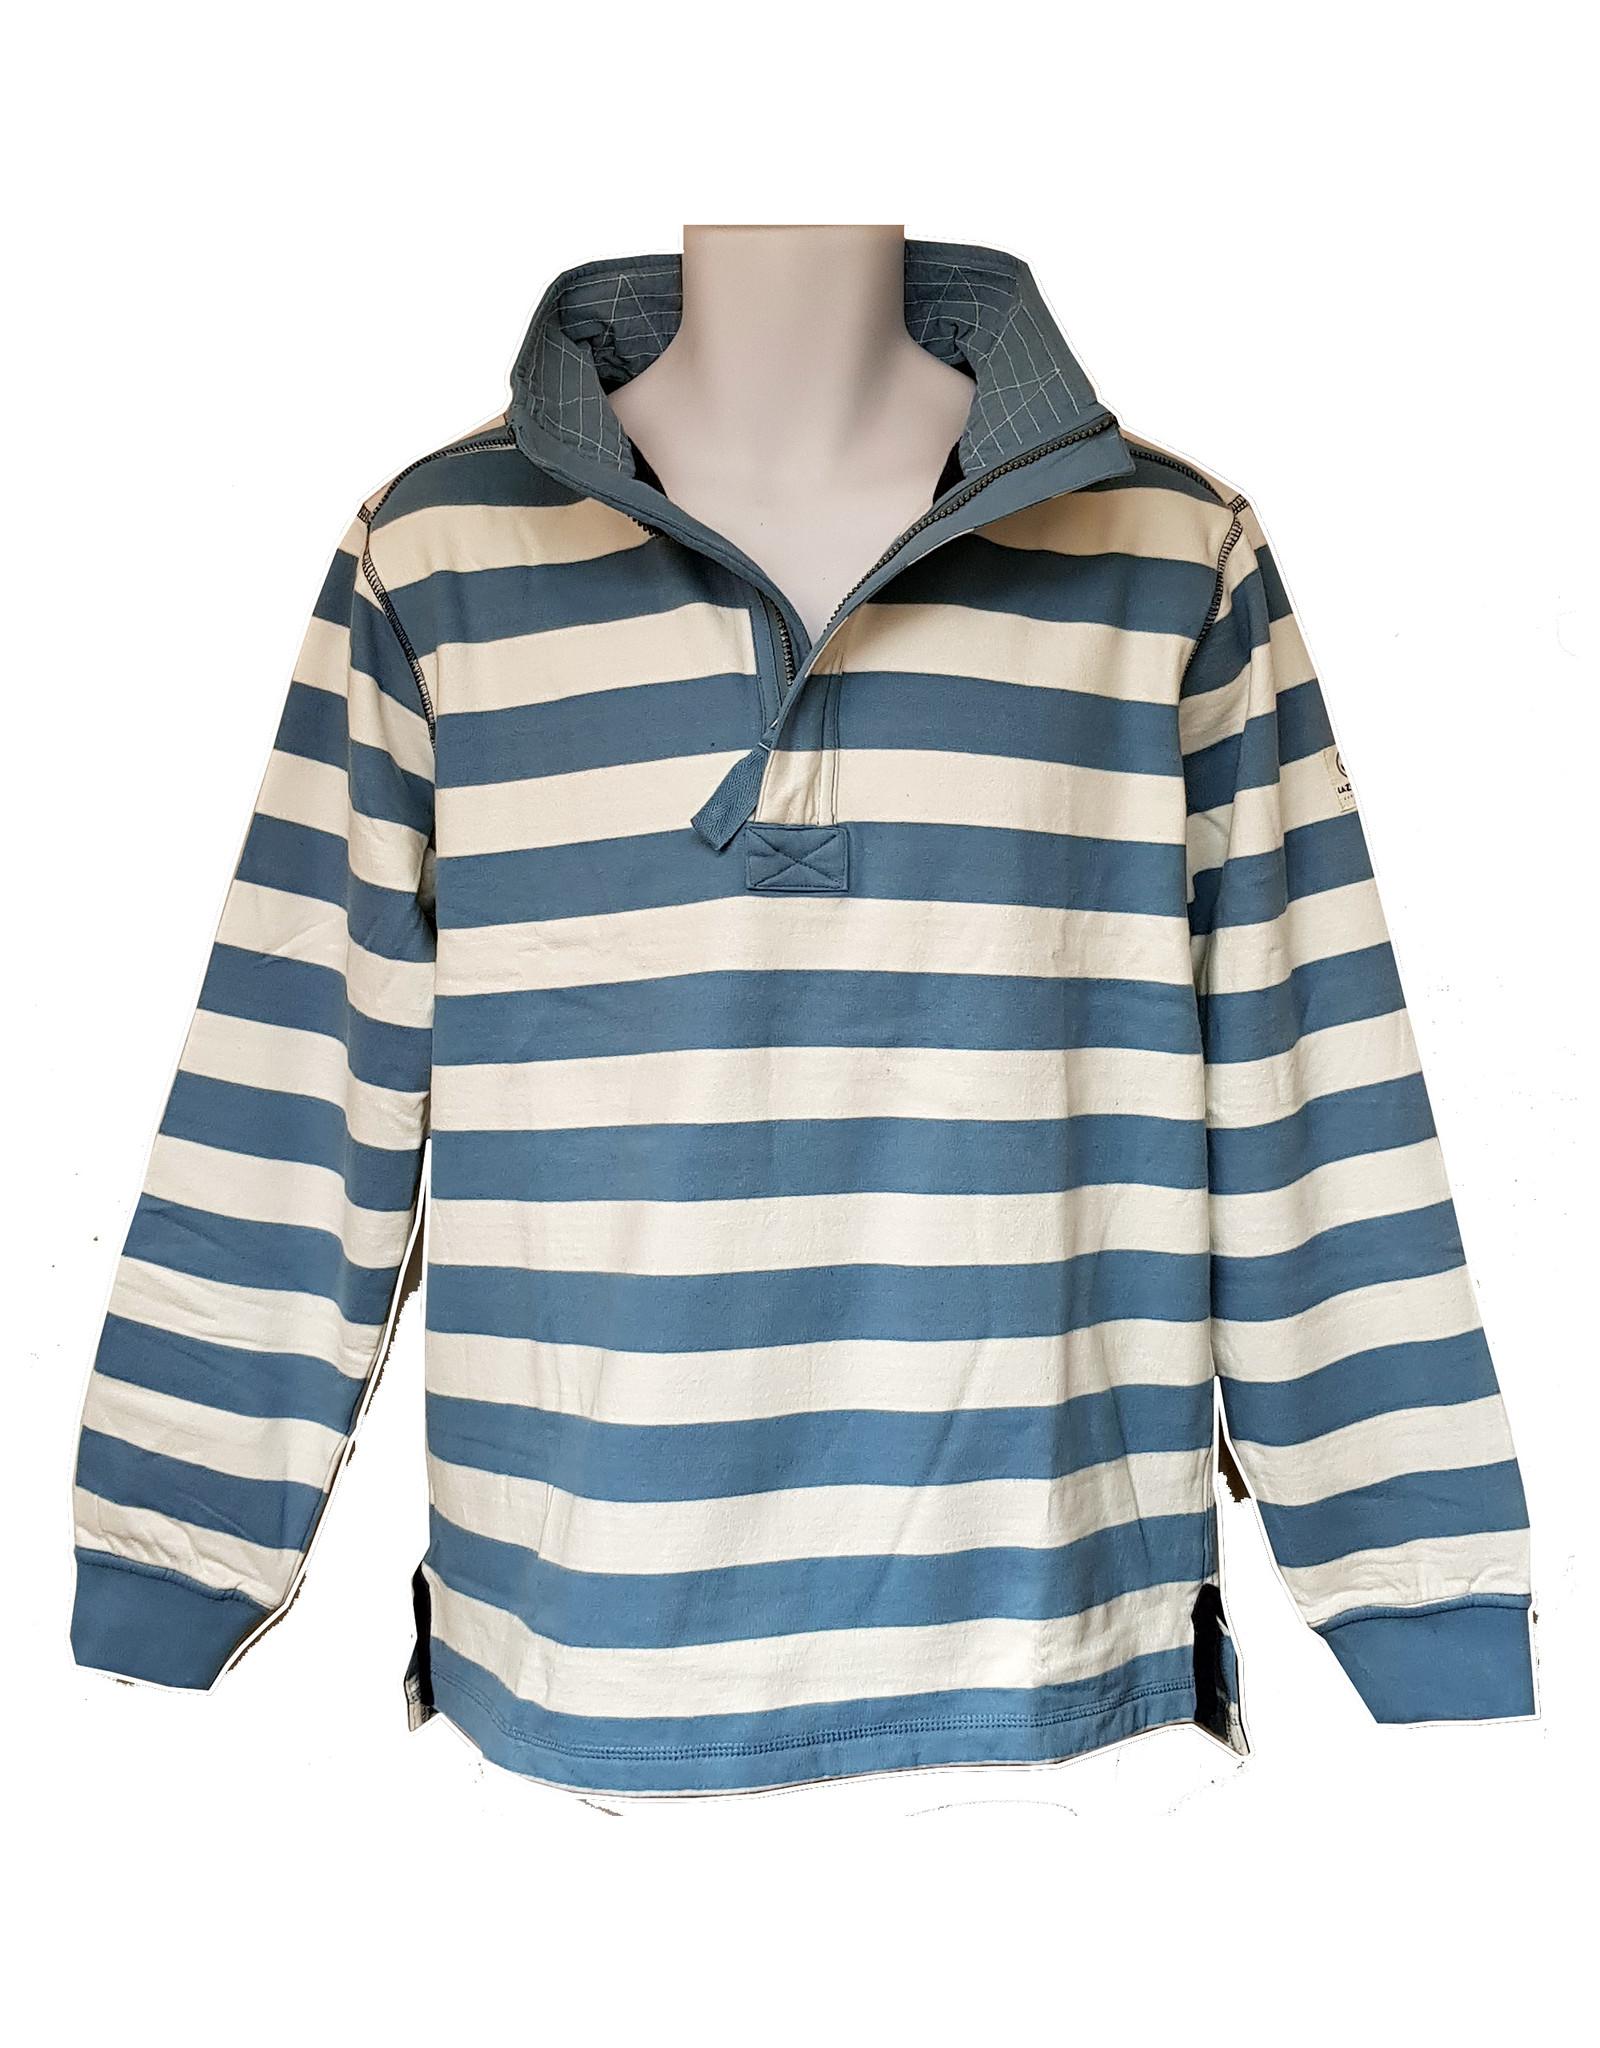 Lazy Jacks Lazy Jacks Striped 1/4 Zip Sweatshirt LJ39 - Cardigan Bay Dolphin